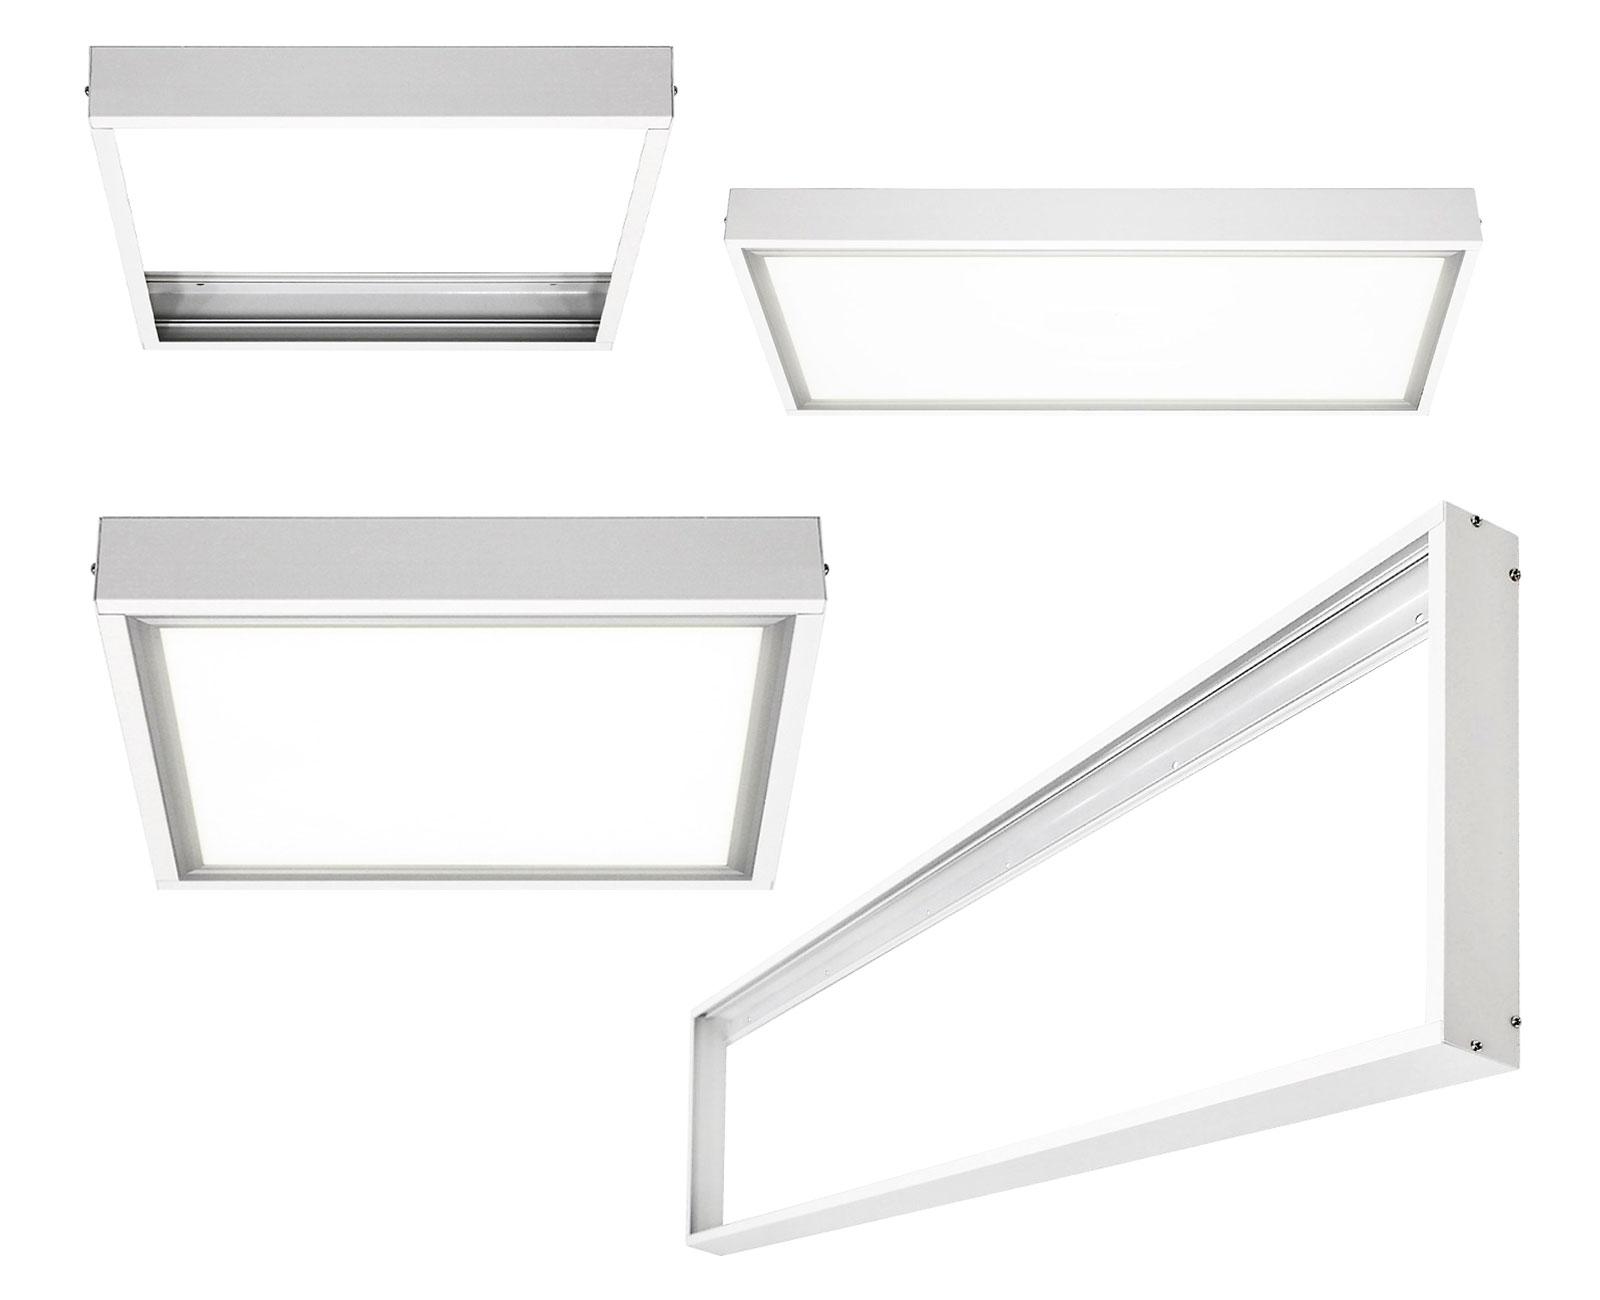 Full Size of Ikea Husinge S1201 Lampe Deckenschiene 3 Spots Inkl Leuchtmittel Deckenlampe Schlafzimmer Betten Bei Küche Kosten Modulküche Deckenlampen Für Wohnzimmer Wohnzimmer Ikea Deckenlampe